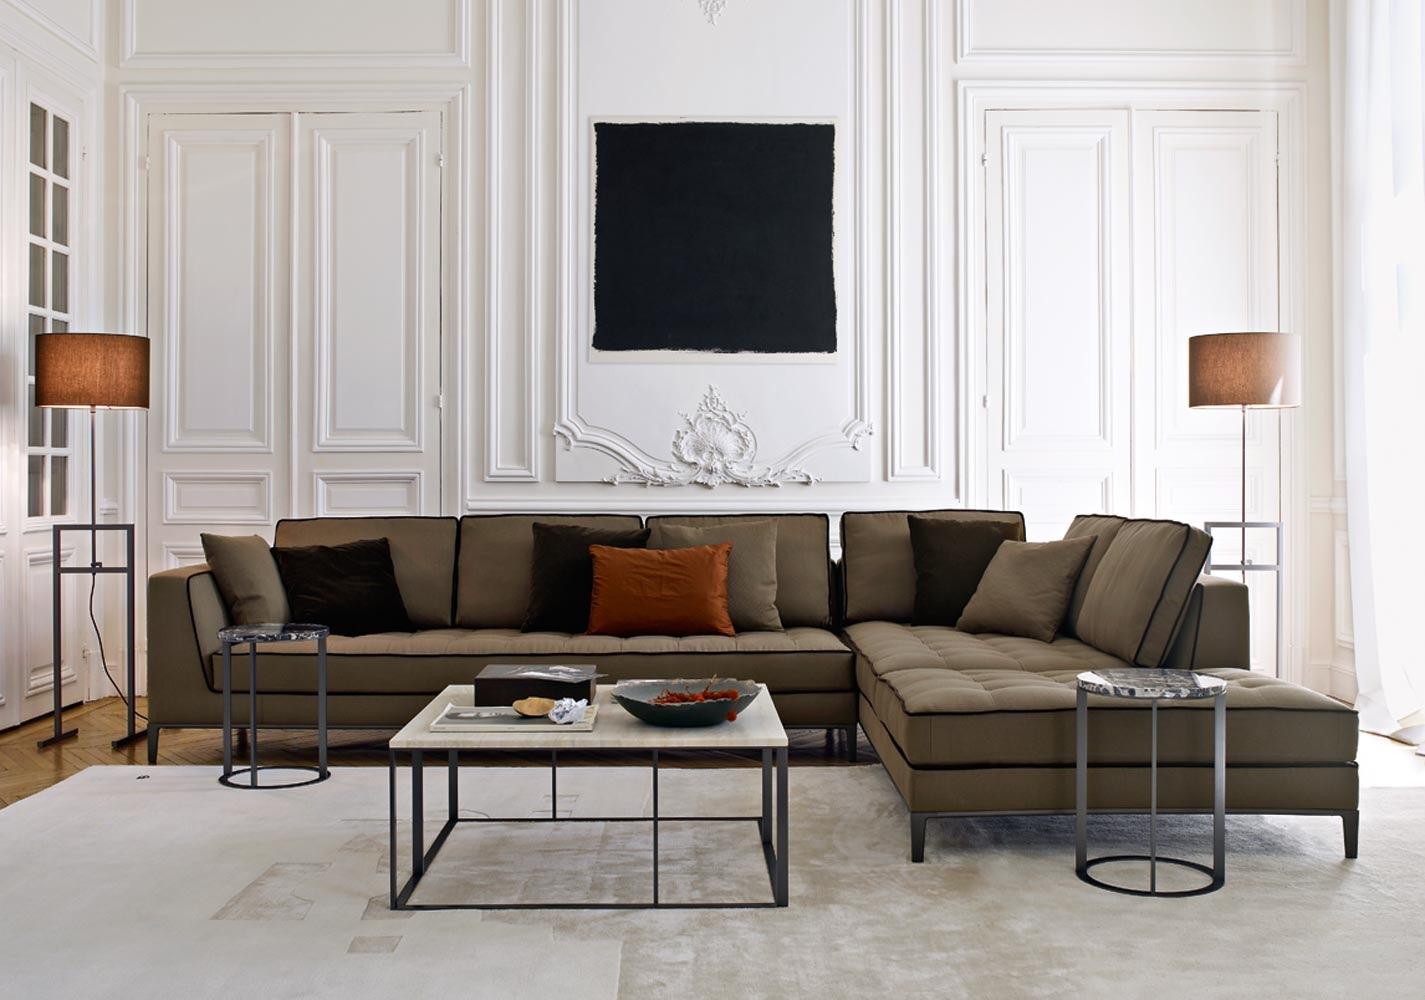 أريكة حرف L 10 نصائح لاختيار الأريكة المثالية  لغرفة جلوسك